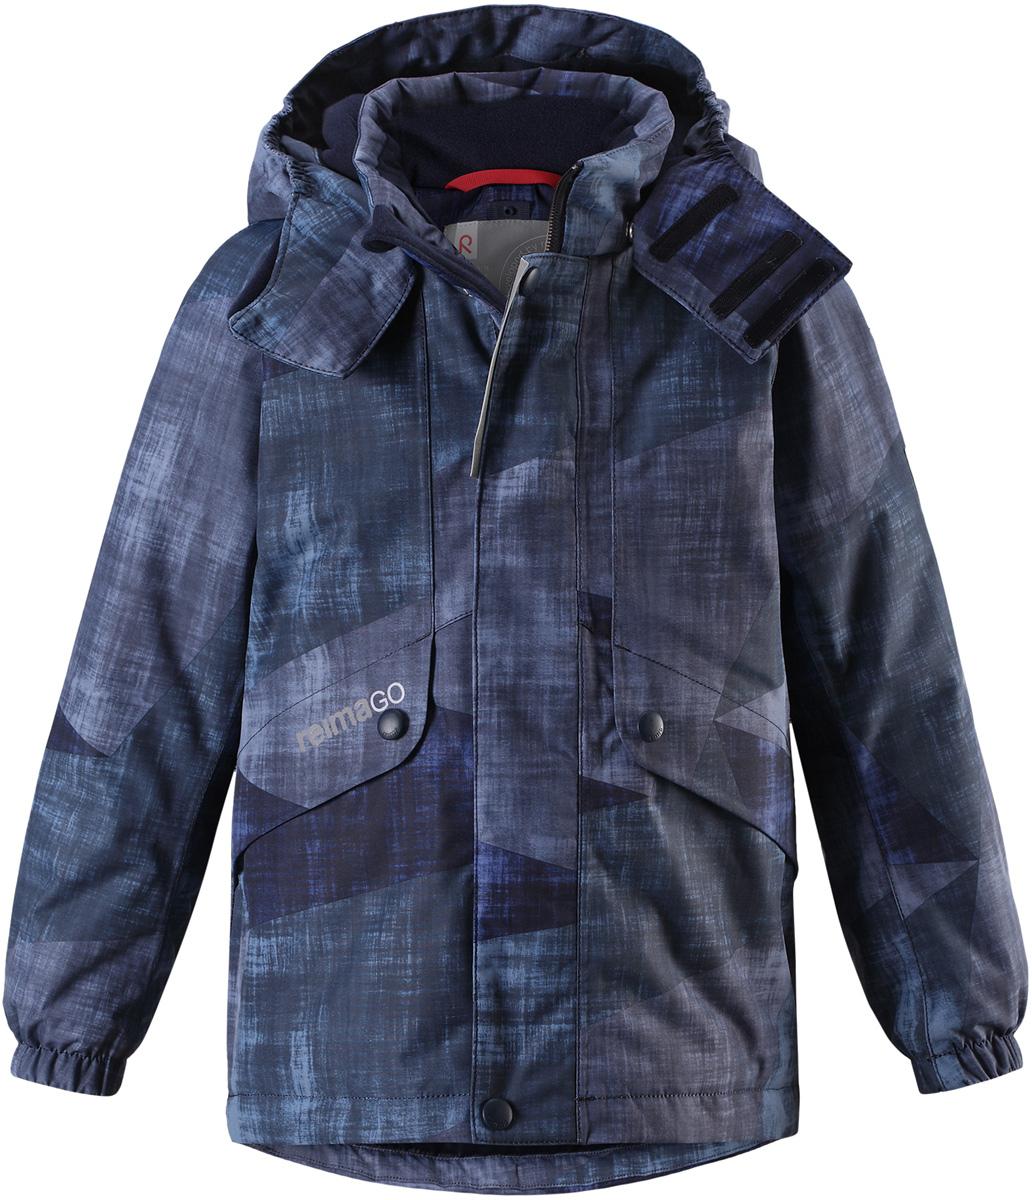 Куртка детская Reima Reimatec Elo, цвет: темно-синий. 5215156982. Размер 1345215156982Детская абсолютно непромокаемая зимняя куртка Reimatec изготовлена из водо- и ветронепроницаемого, прочного и дышащего материала, который эффективно отталкивает грязь. Все швы проклеены, водонепроницаемы. В этой модели прямого покроя подол при необходимости легко регулируется, что позволяет подогнать куртку точно по фигуре. Съемный и регулируемый капюшон защищает от пронизывающего ветра и проливного дождя, а еще он безопасен во время игр на свежем воздухе. С помощью удобной системы кнопок Play Layers к этой куртке можно присоединять одежду промежуточного слоя Reima, которая подарит вашему ребенку дополнительное тепло и комфорт. В куртке предусмотрены два кармана на молнии, внутренний нагрудный карман, карман для сенсора ReimaGO и множество светоотражающих деталей.Средняя степень утепления.